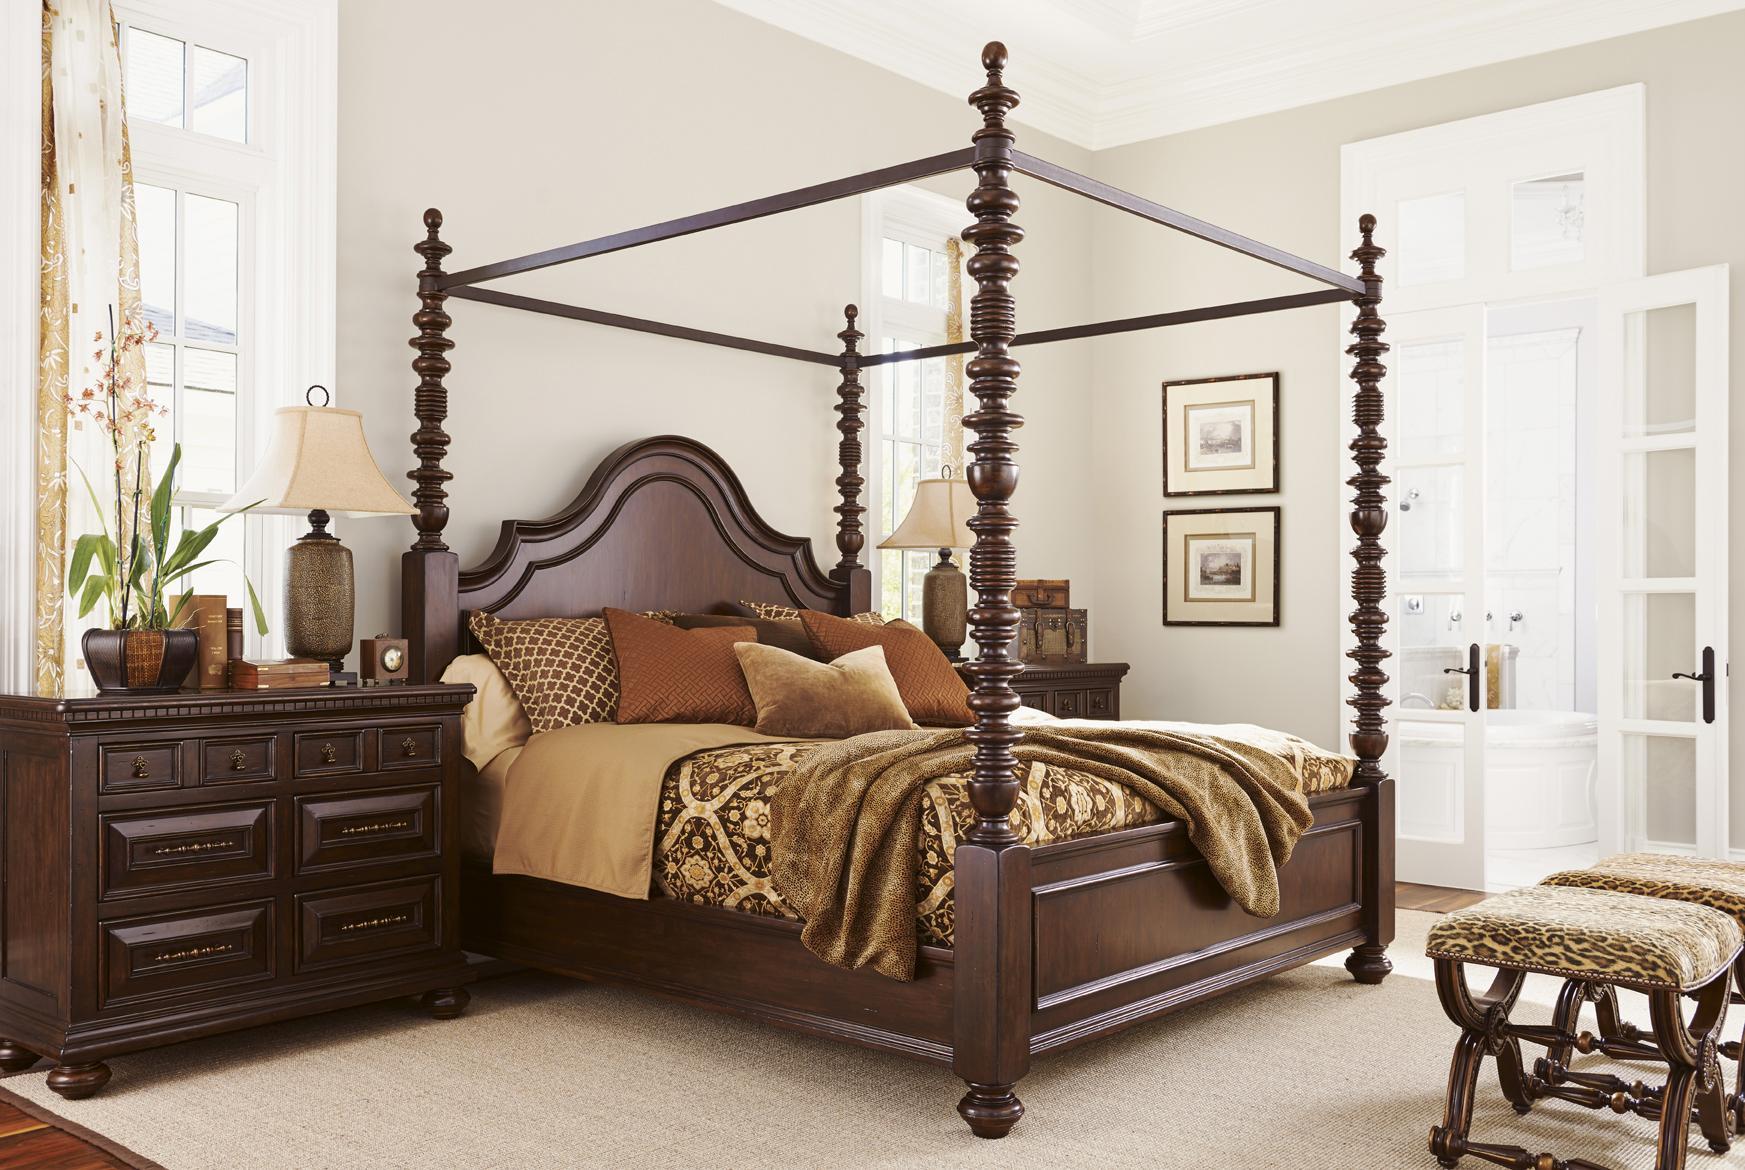 home kilimanjaro bedroom group baer 39 s furniture bedroom groups